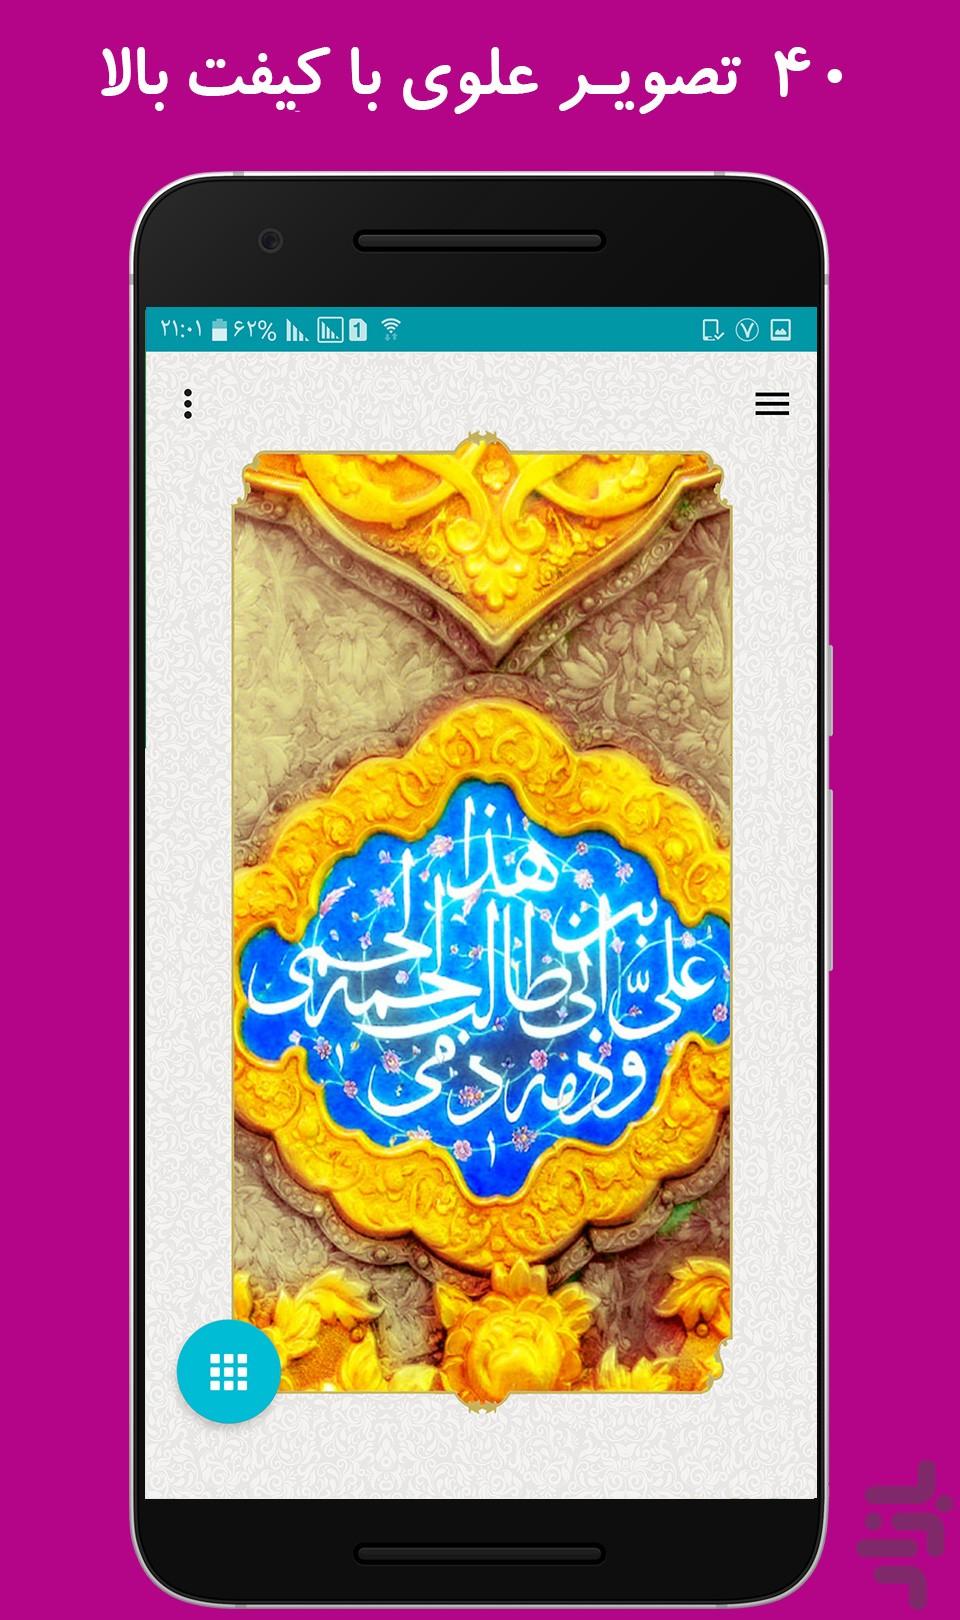 مجموعه تصویر hd ویژه میلاد امام علی برای اندروید